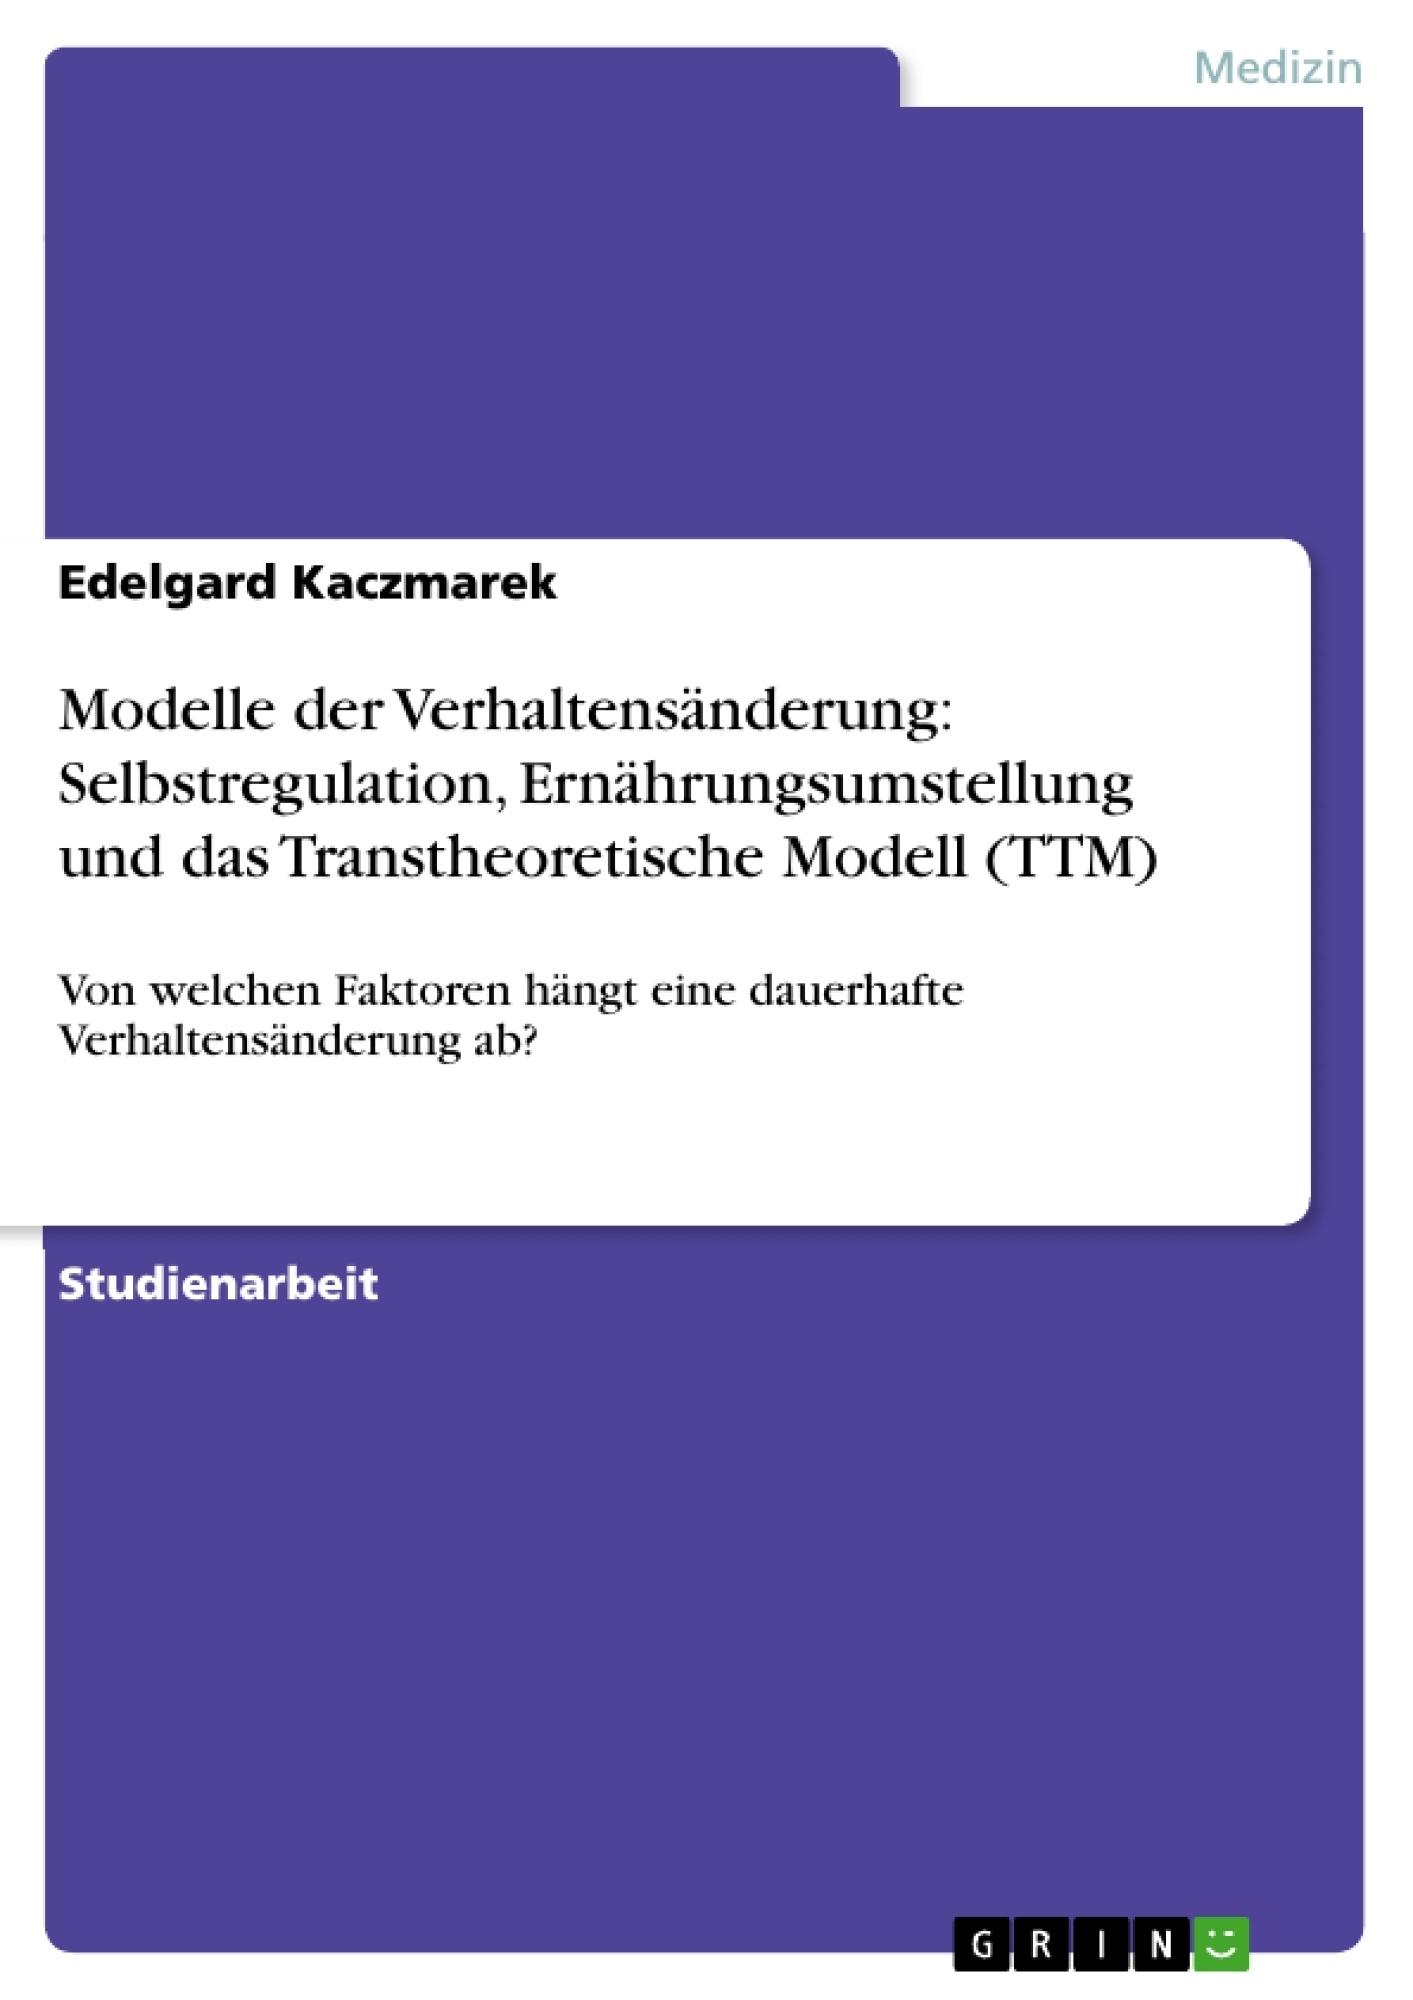 Titel: Modelle der Verhaltensänderung: Selbstregulation, Ernährungsumstellung und das Transtheoretische Modell (TTM)